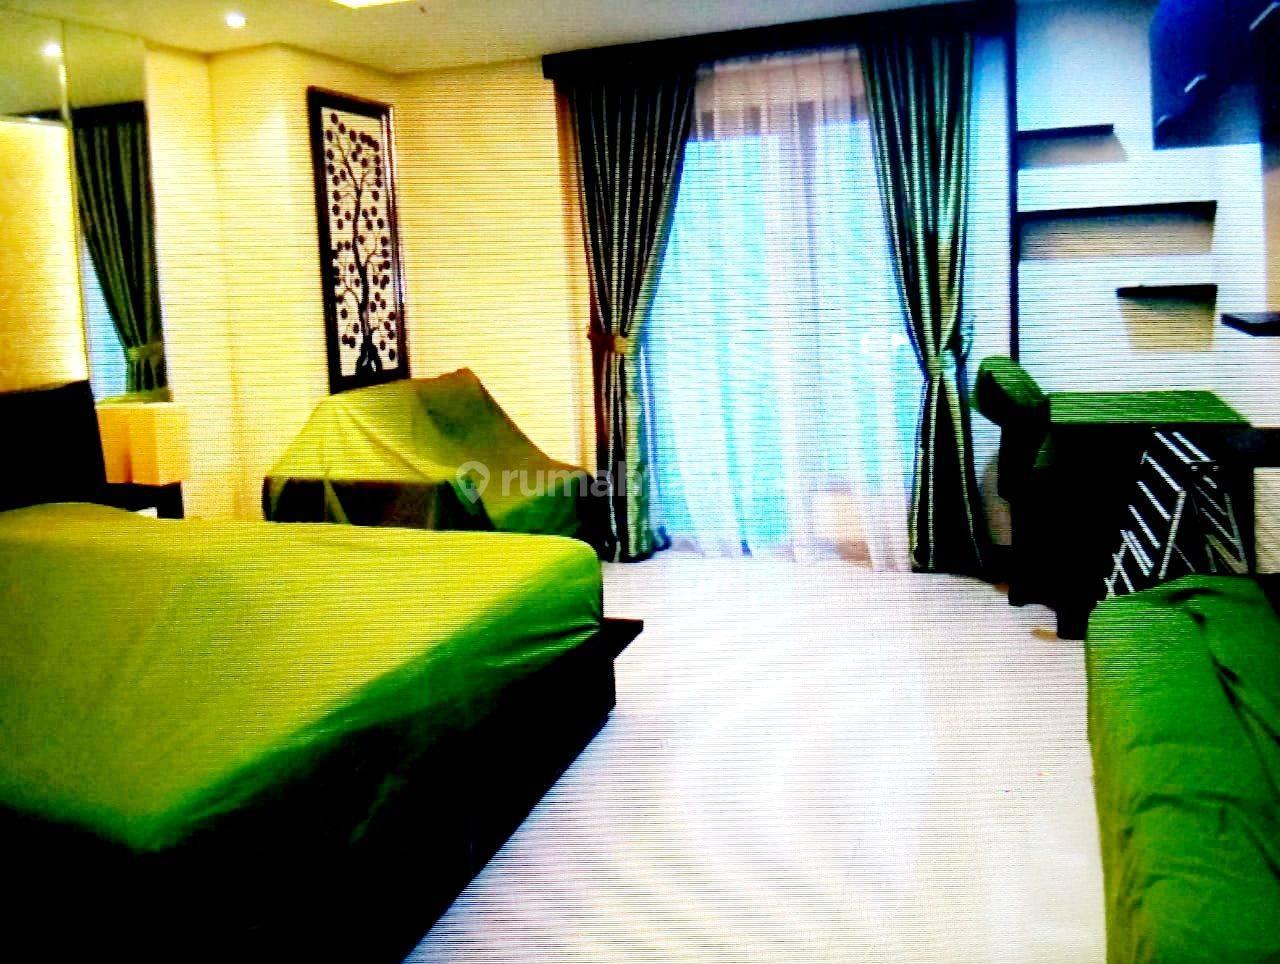 Dijual 1 BR Furnished Bagus @ Taman Sari Semanggi Apartment - 15 th Floor with Certificate